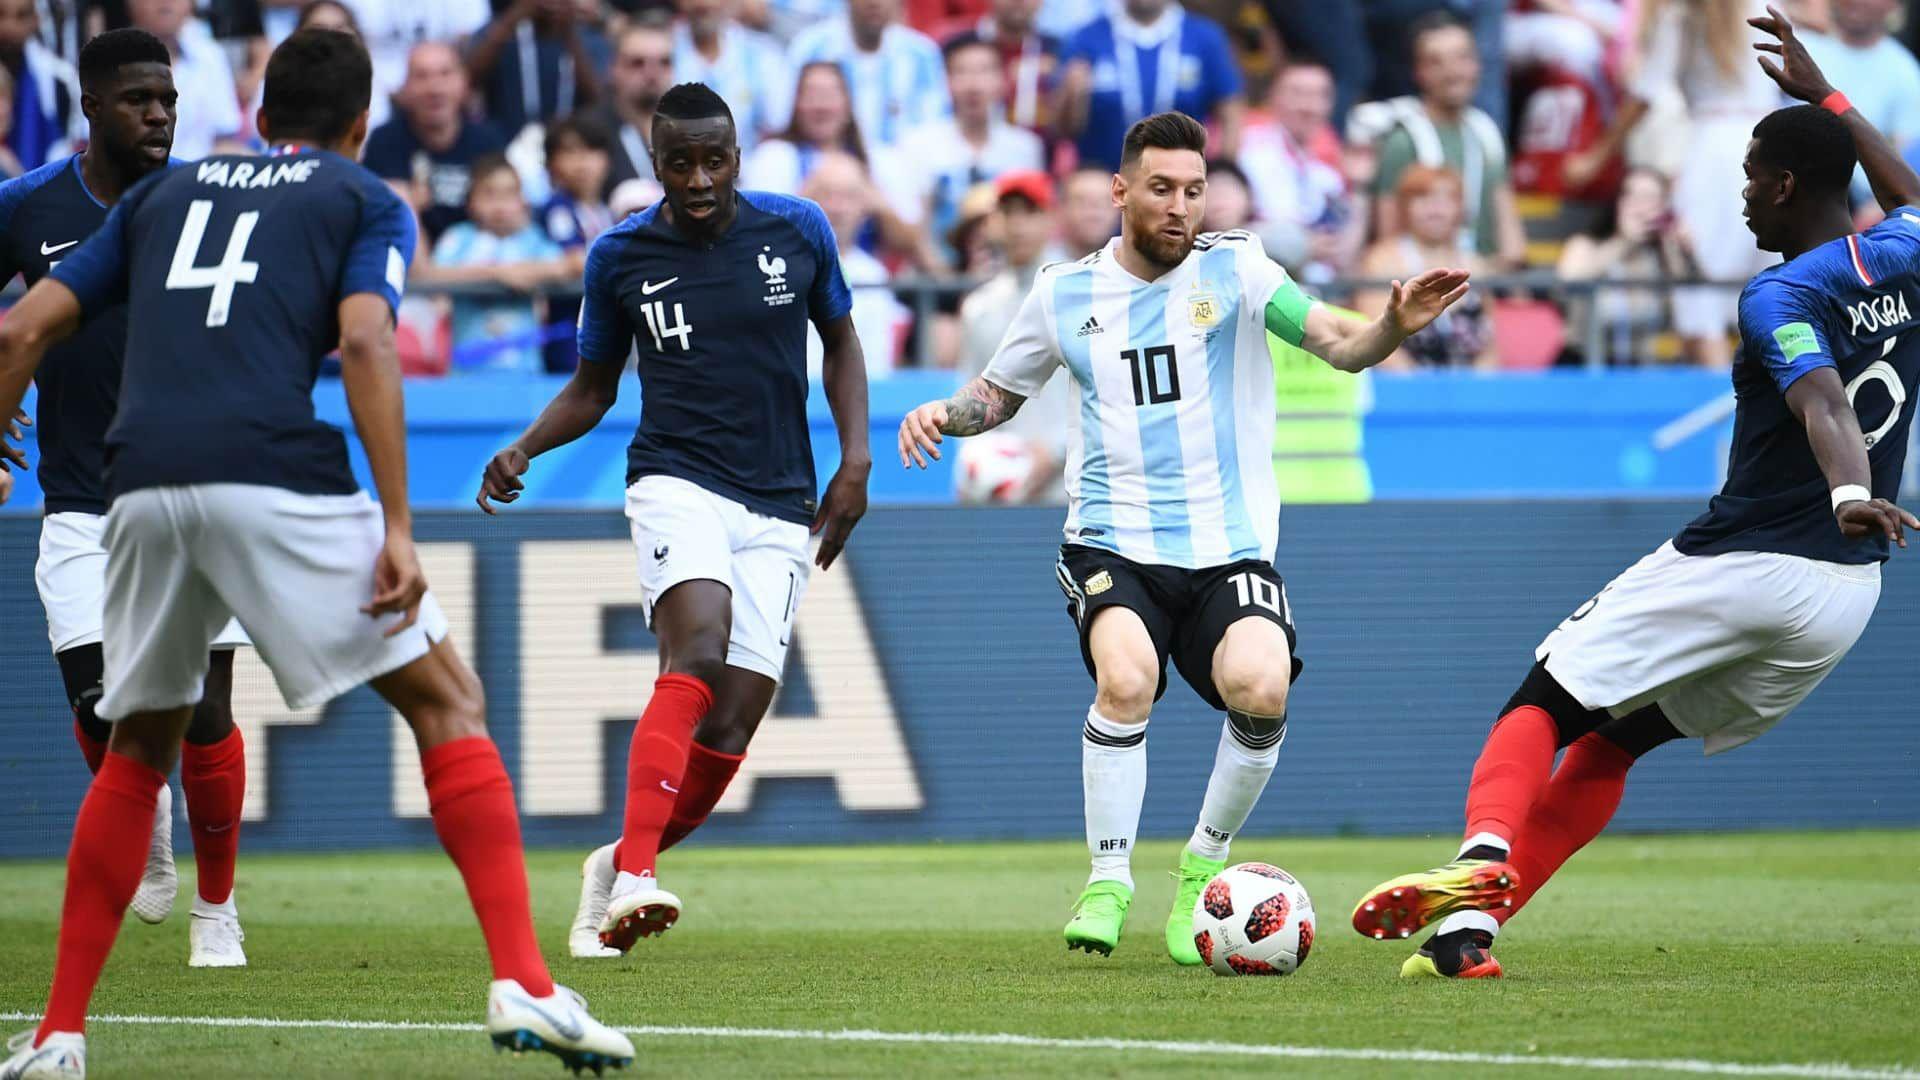 Este jueves reviví Argentina vs. Francia en Rusia 2018 por